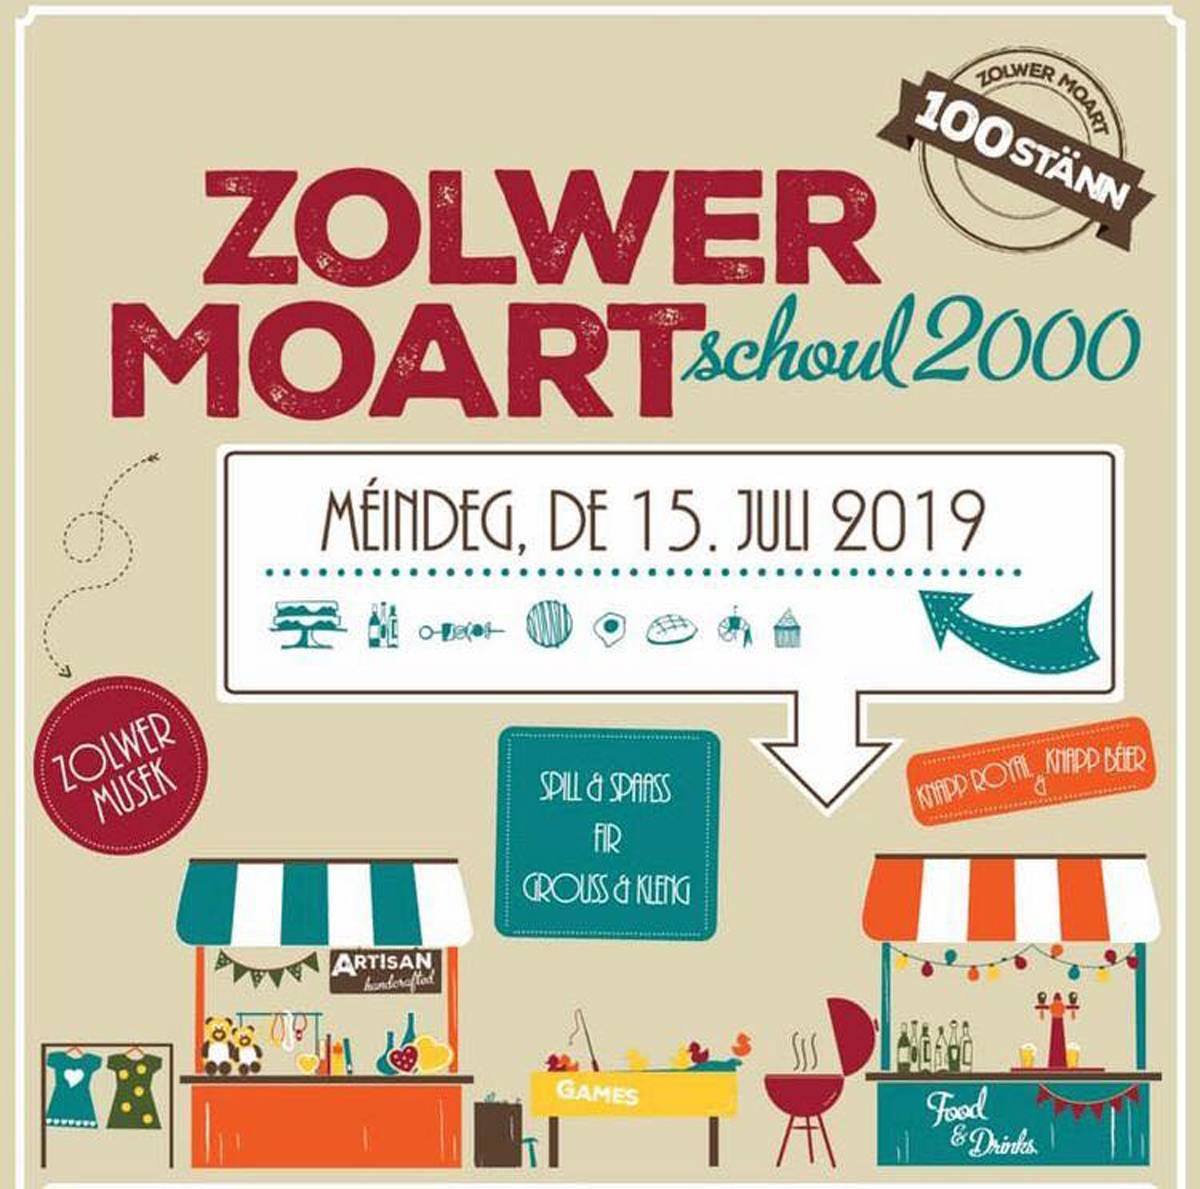 Zolwer Moart